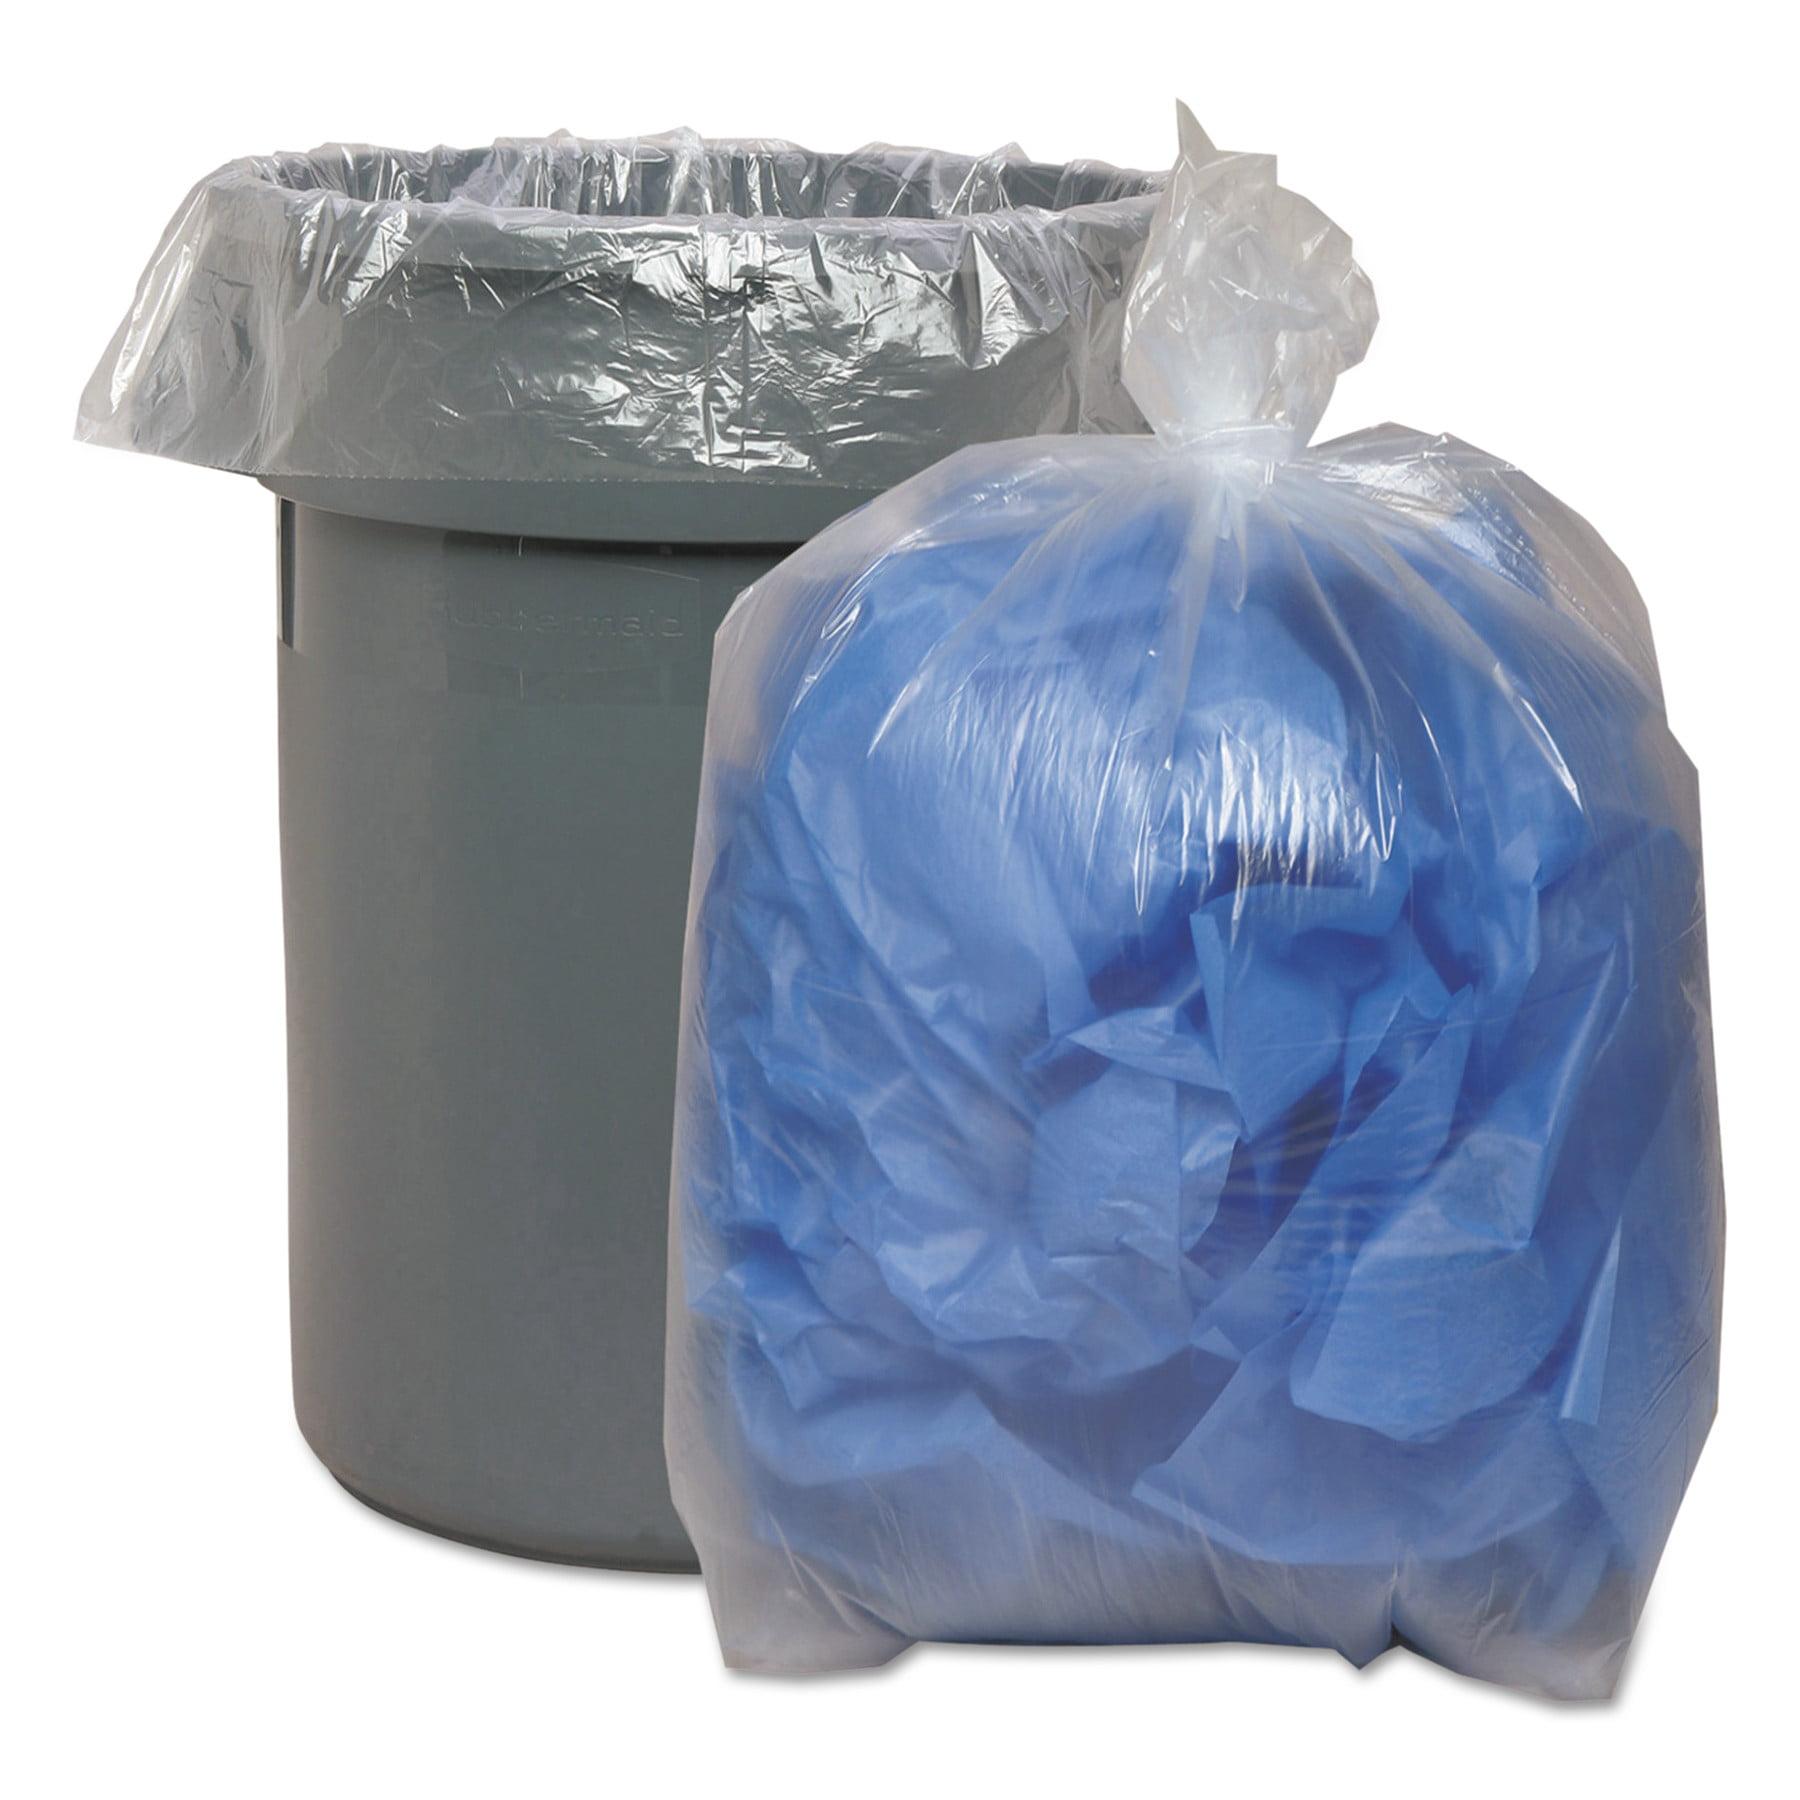 Boardwalk Super Extra-Heavy Trash Bag, 43x47, 1.4 Mil, 56gal, Clear, 10 Bag/RL, 10 RL/CT